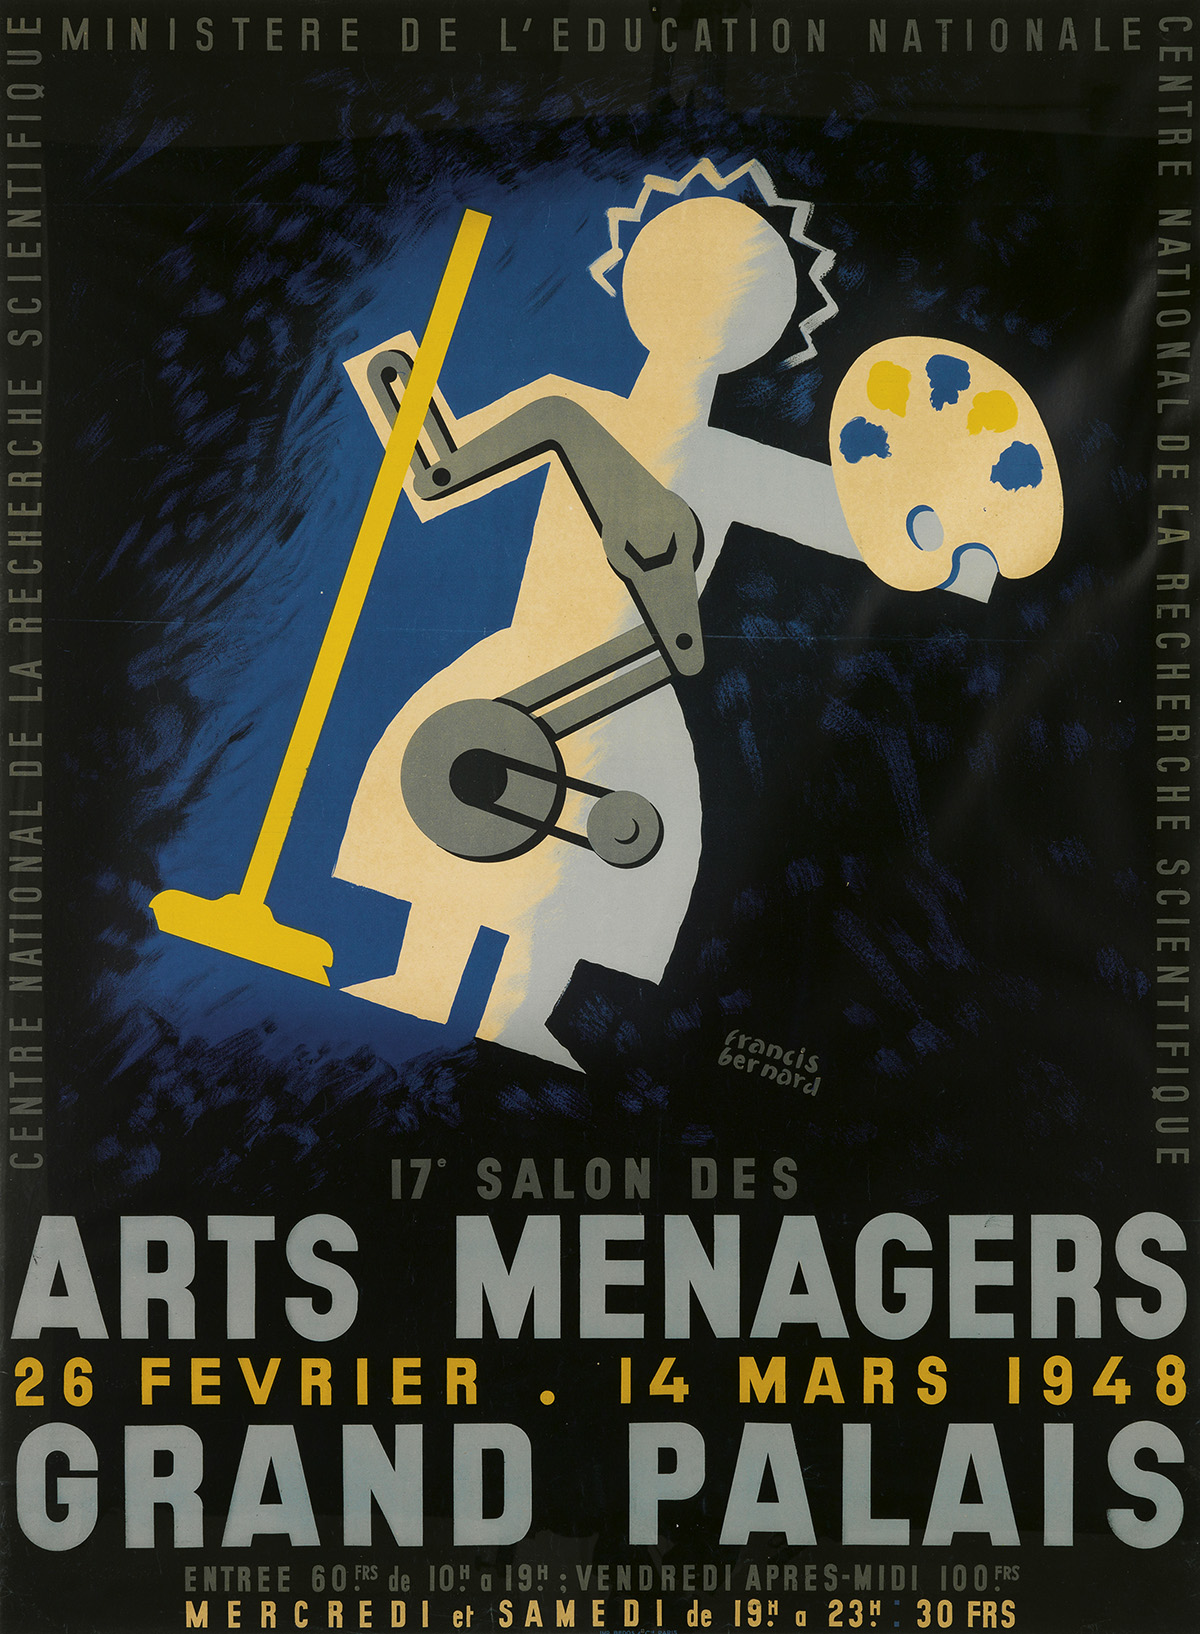 FRANCIS-BERNARD-(1900-1979)-17E-SALON-DES-ARTS-MENAGERS--GRA